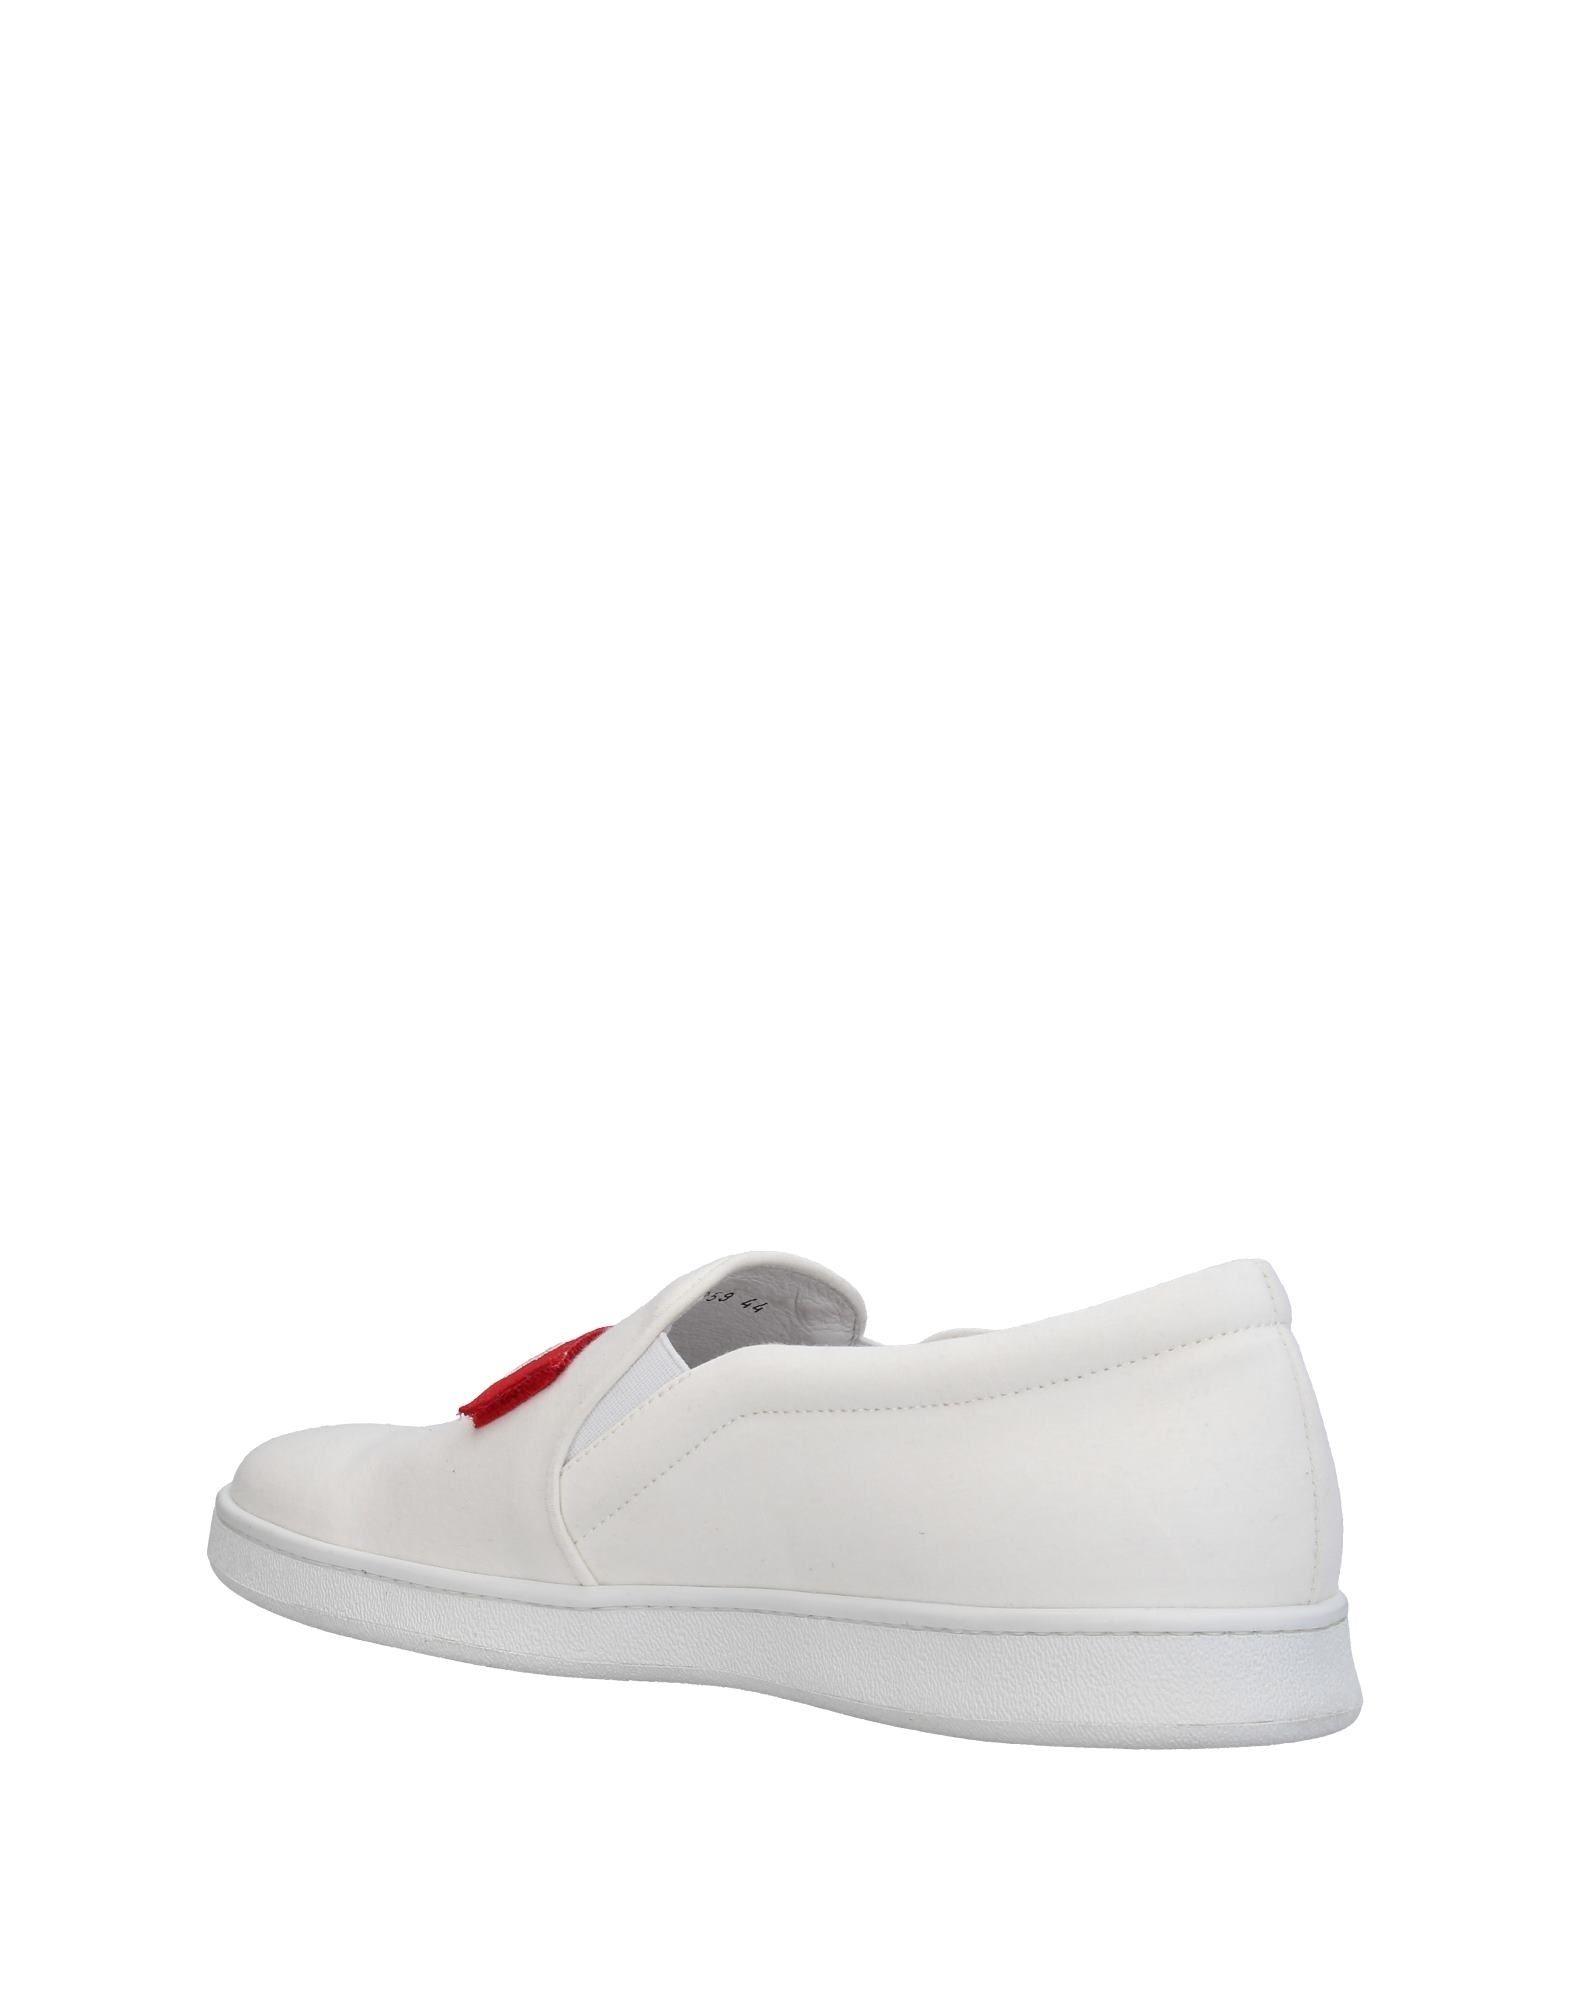 Joshua*S Sneakers lohnt Herren Gutes Preis-Leistungs-Verhältnis, es lohnt Sneakers sich,Billig-15762 bf17ab